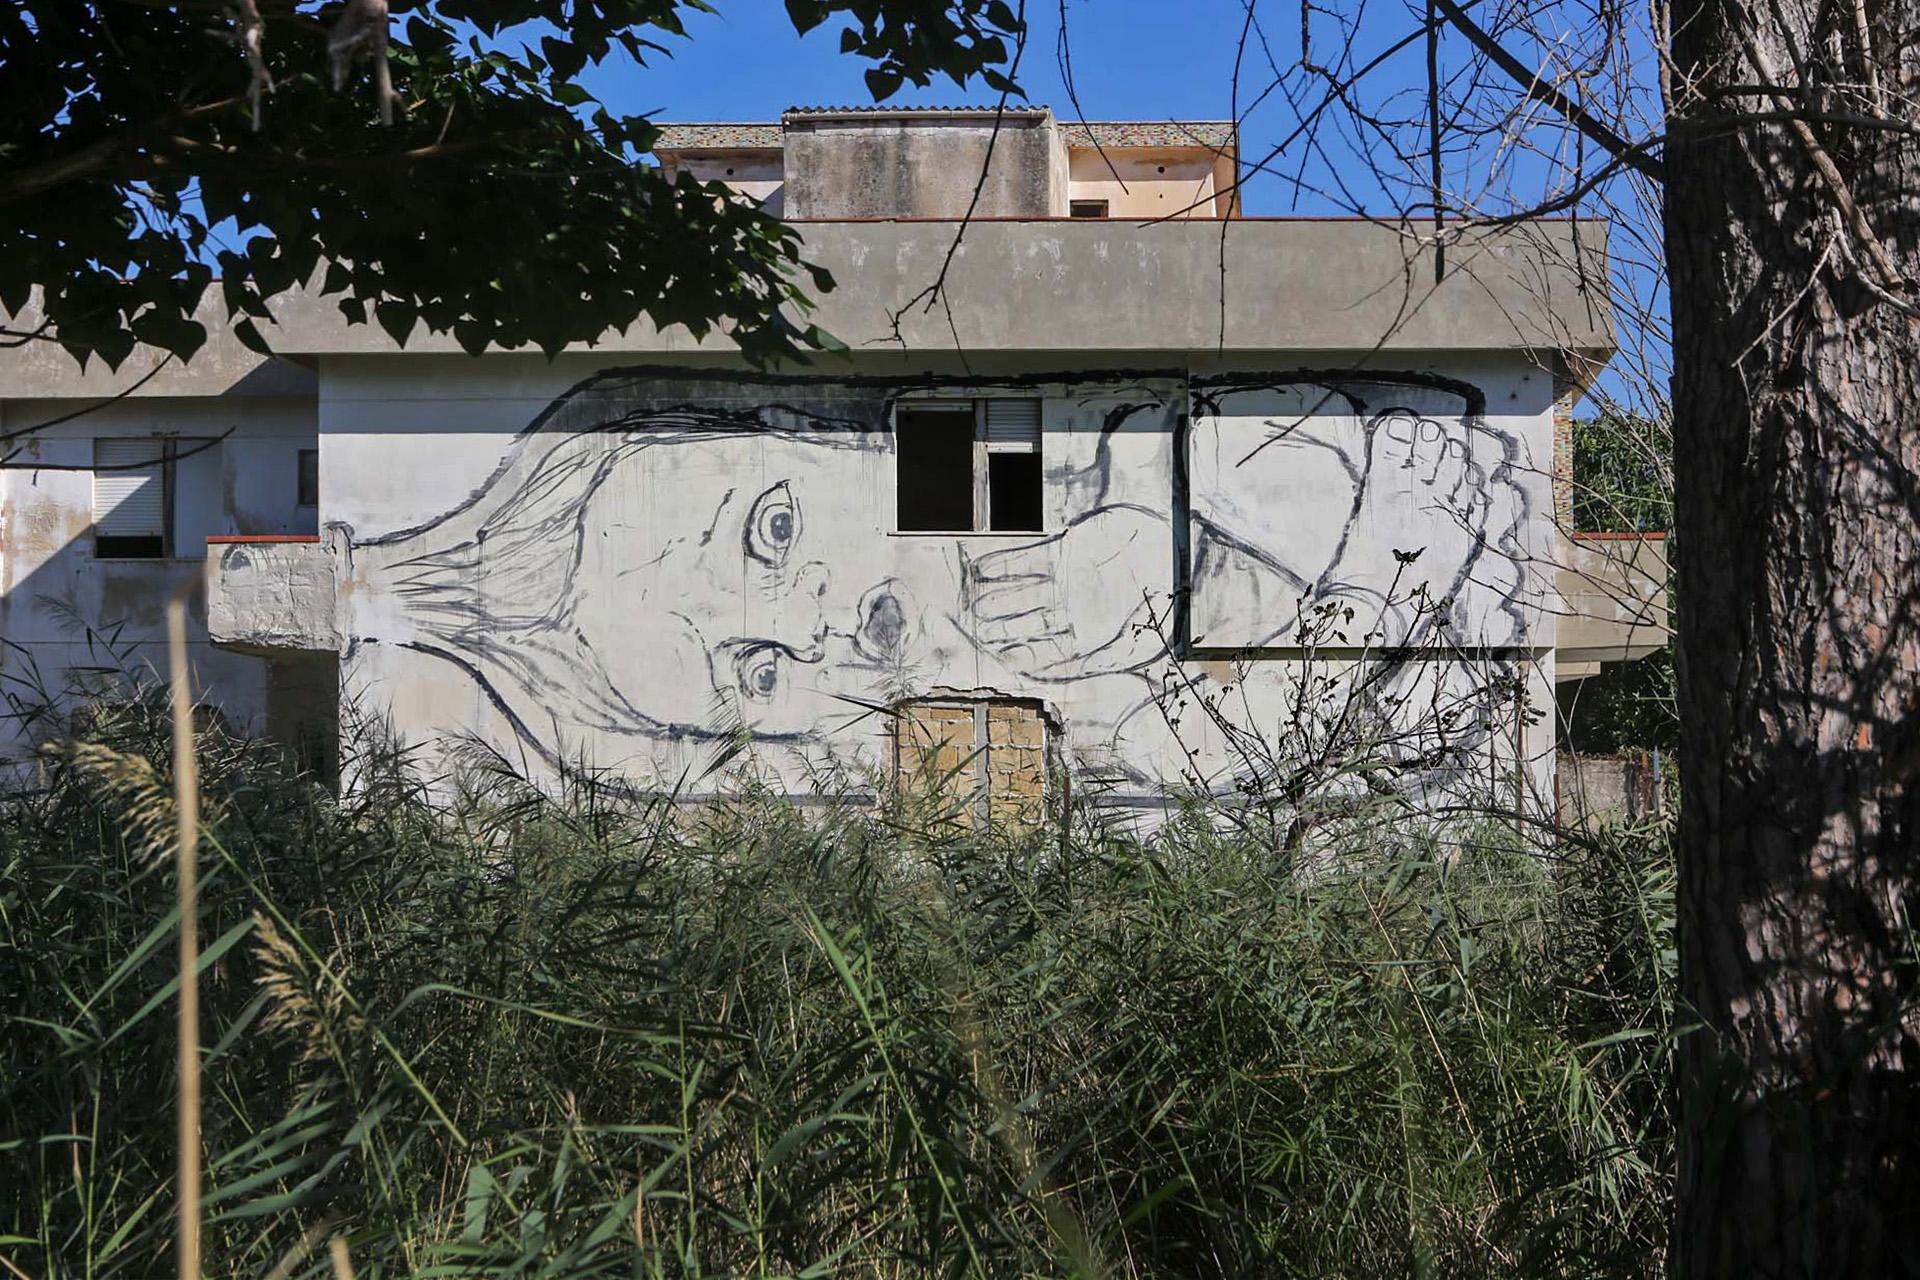 Un' opera di Collettivo Fx realizzata su una casa abbandonata ed erosa dal mare.